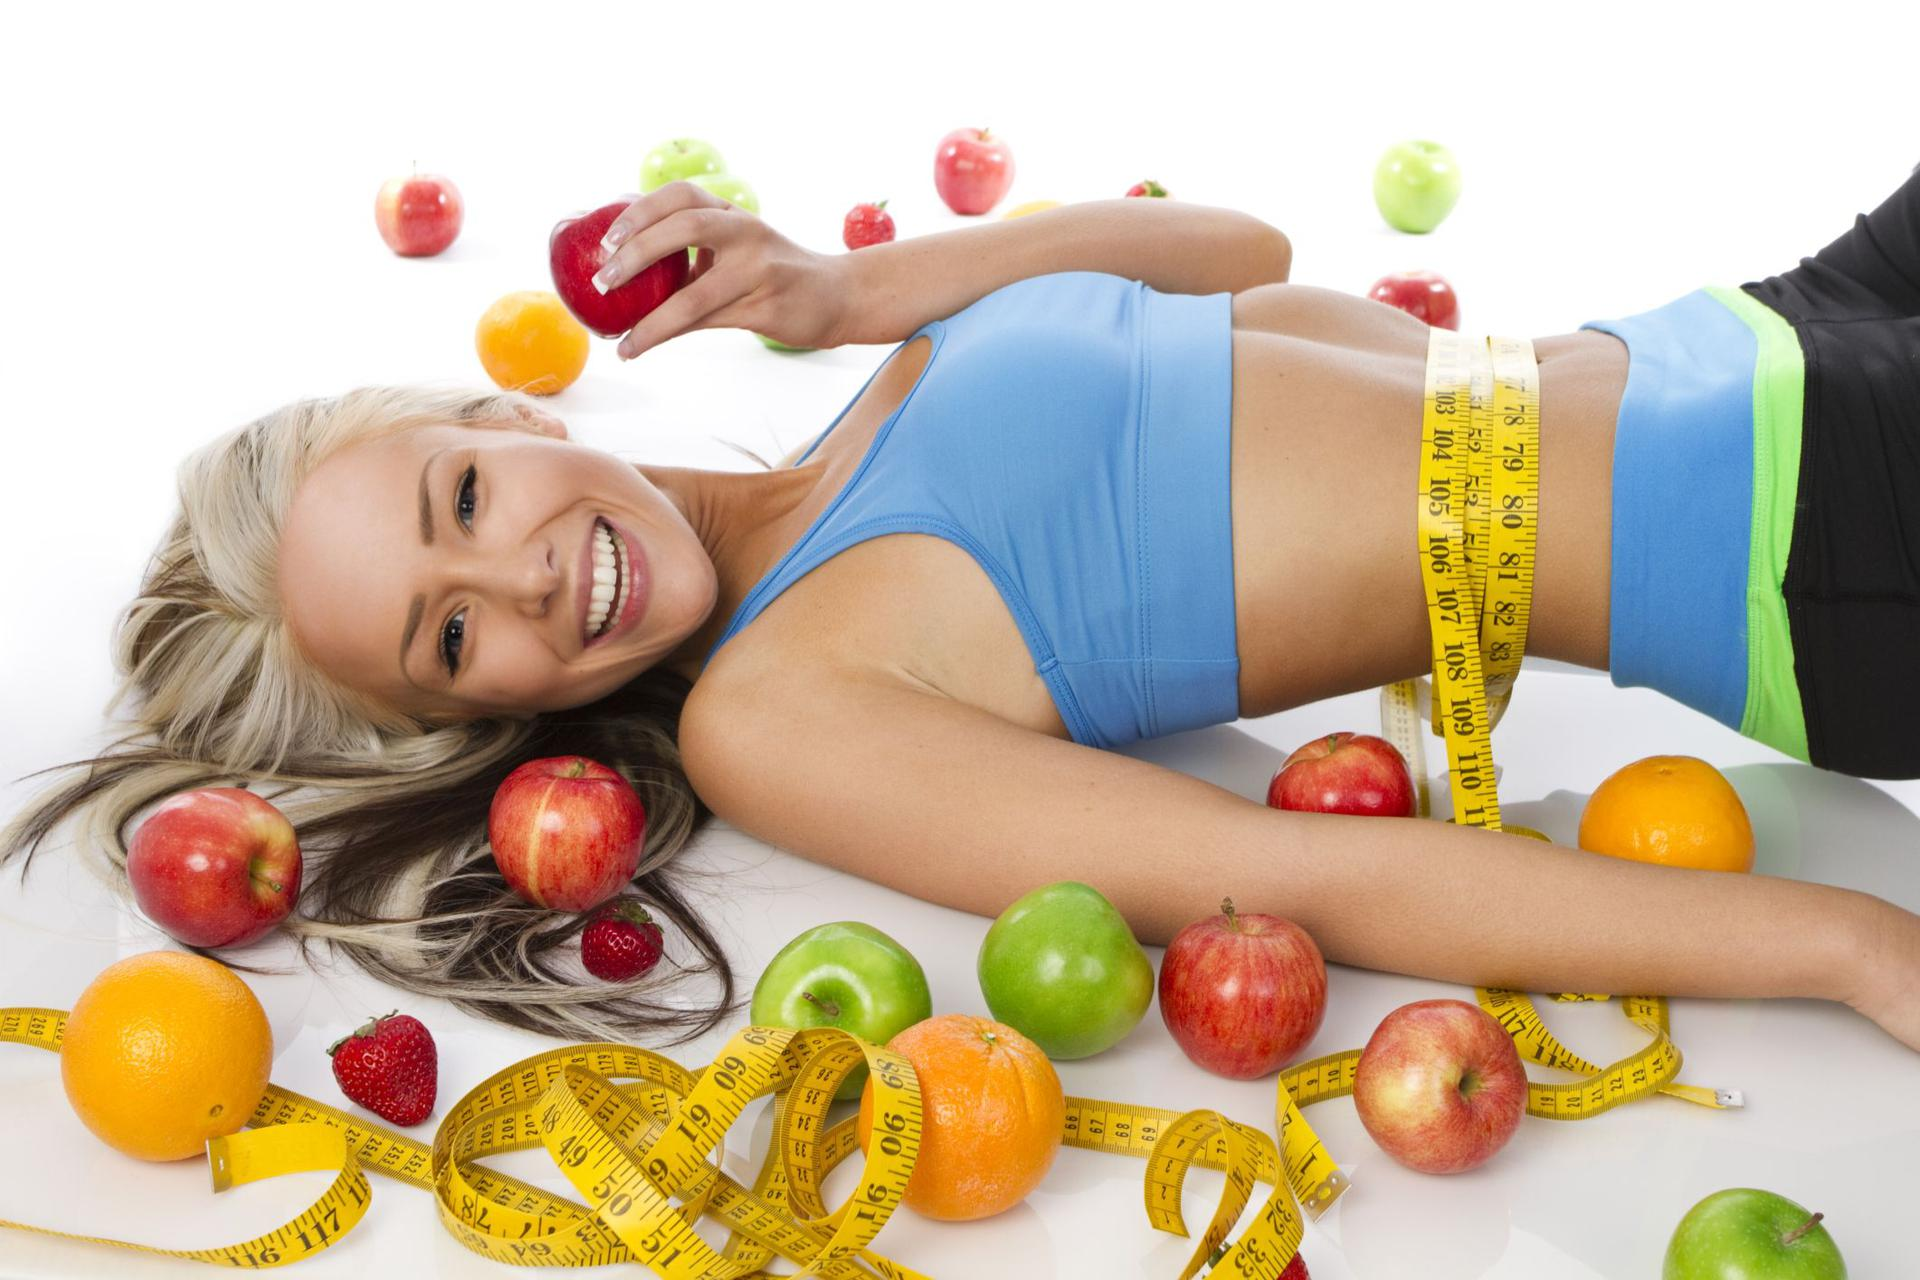 Как похудеть на 10 кг за 2 недели без вреда для здоровья в домашних условиях реальные советы